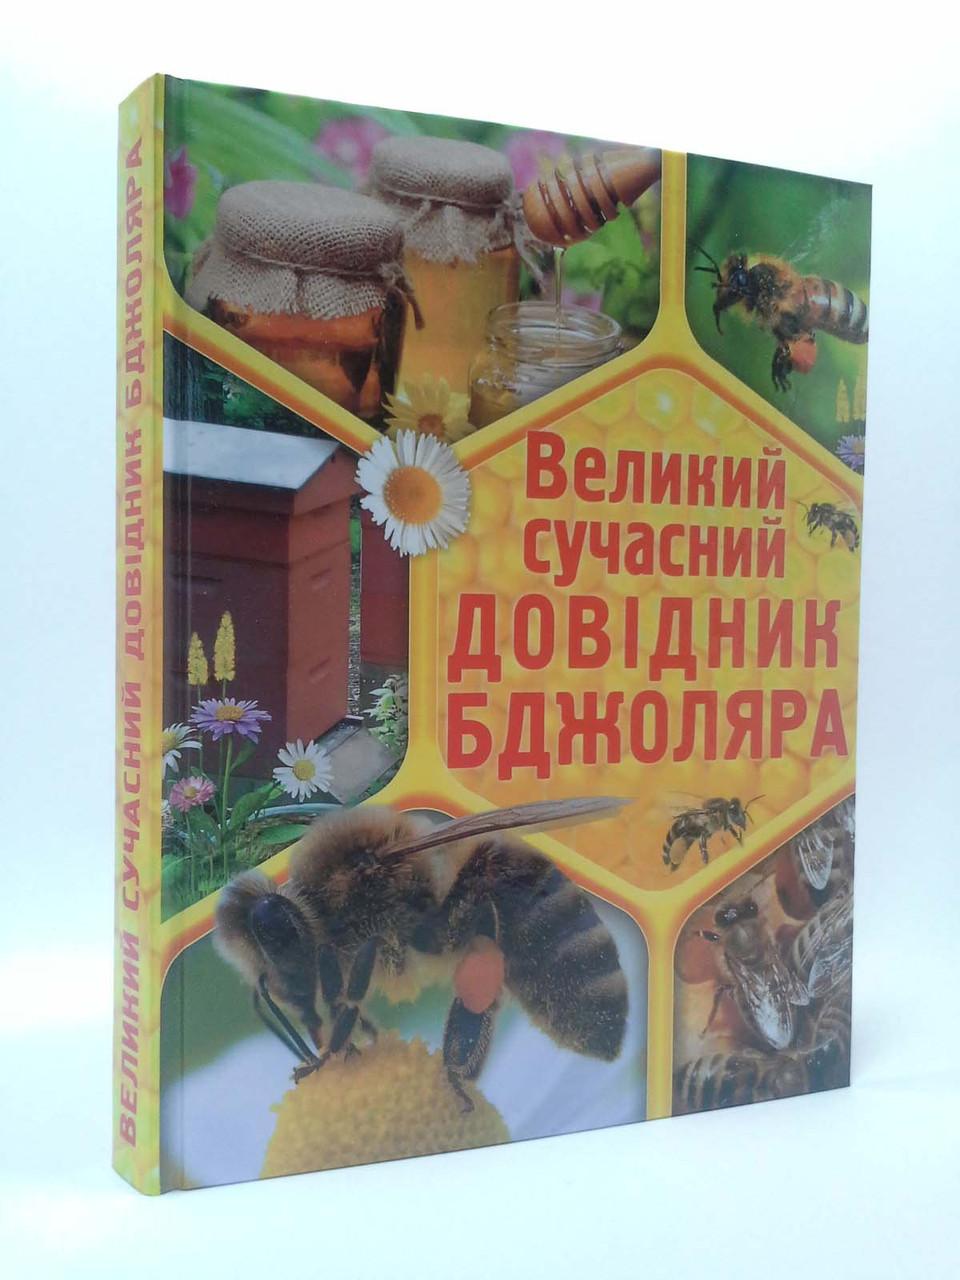 БАО Великий сучасний довідник бджоляра